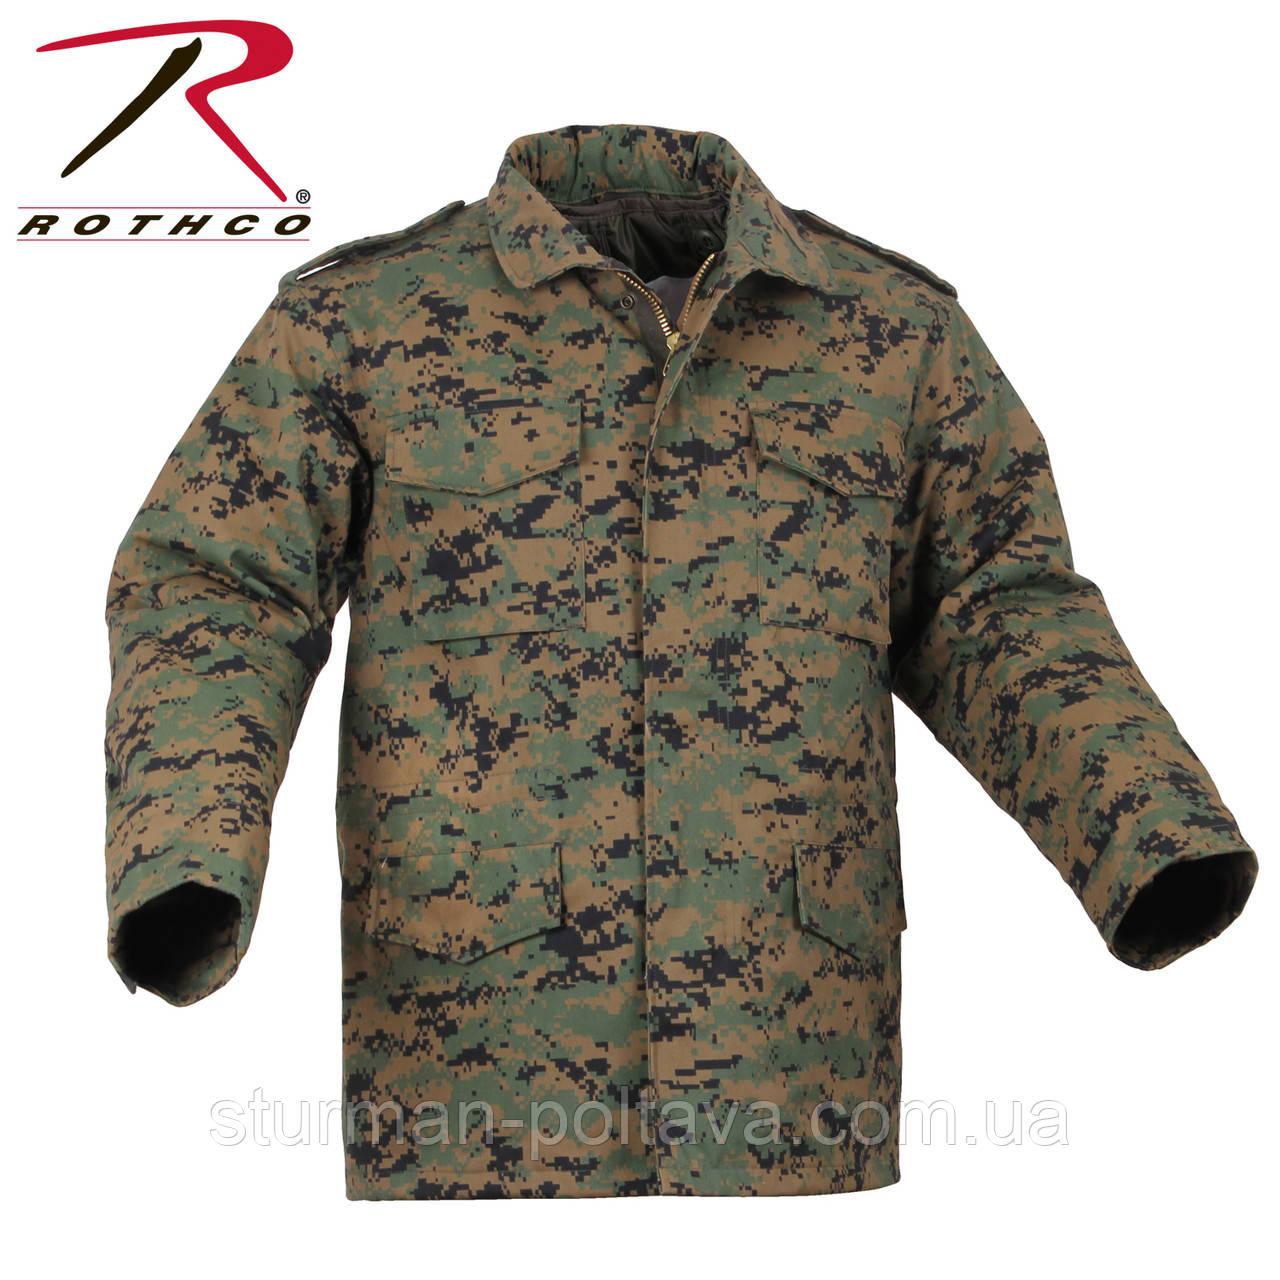 Куртка мужская зимняя М-65 ROTCHO   с подстежкой цвет АТ - диджитал вудланд  поликотон  размер L   США